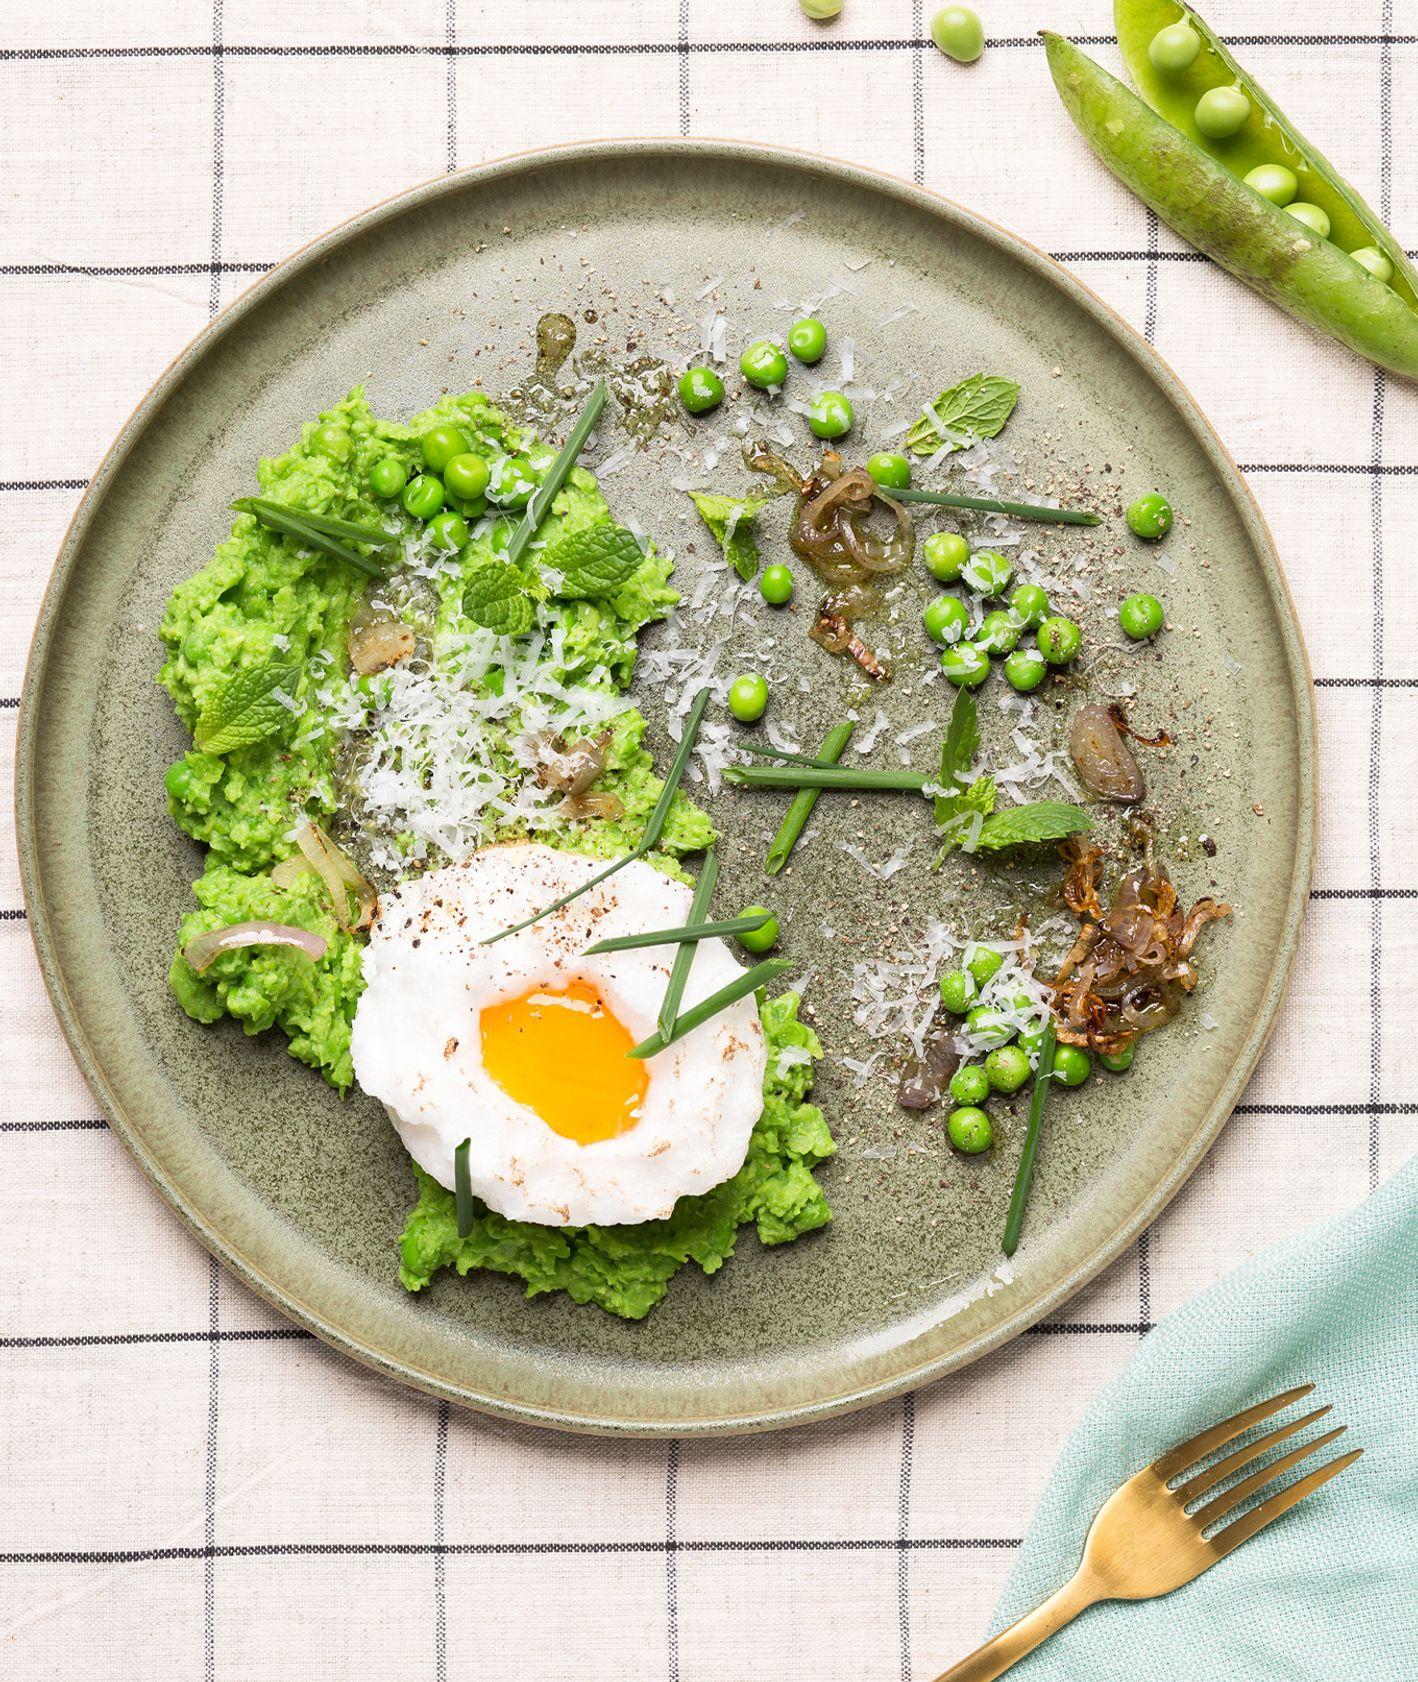 Pomysł na śniadanie z groszkiem, chmurka jajeczna z kremem z groszku, przepis na krem z groszku (fot. dinner.show studio)